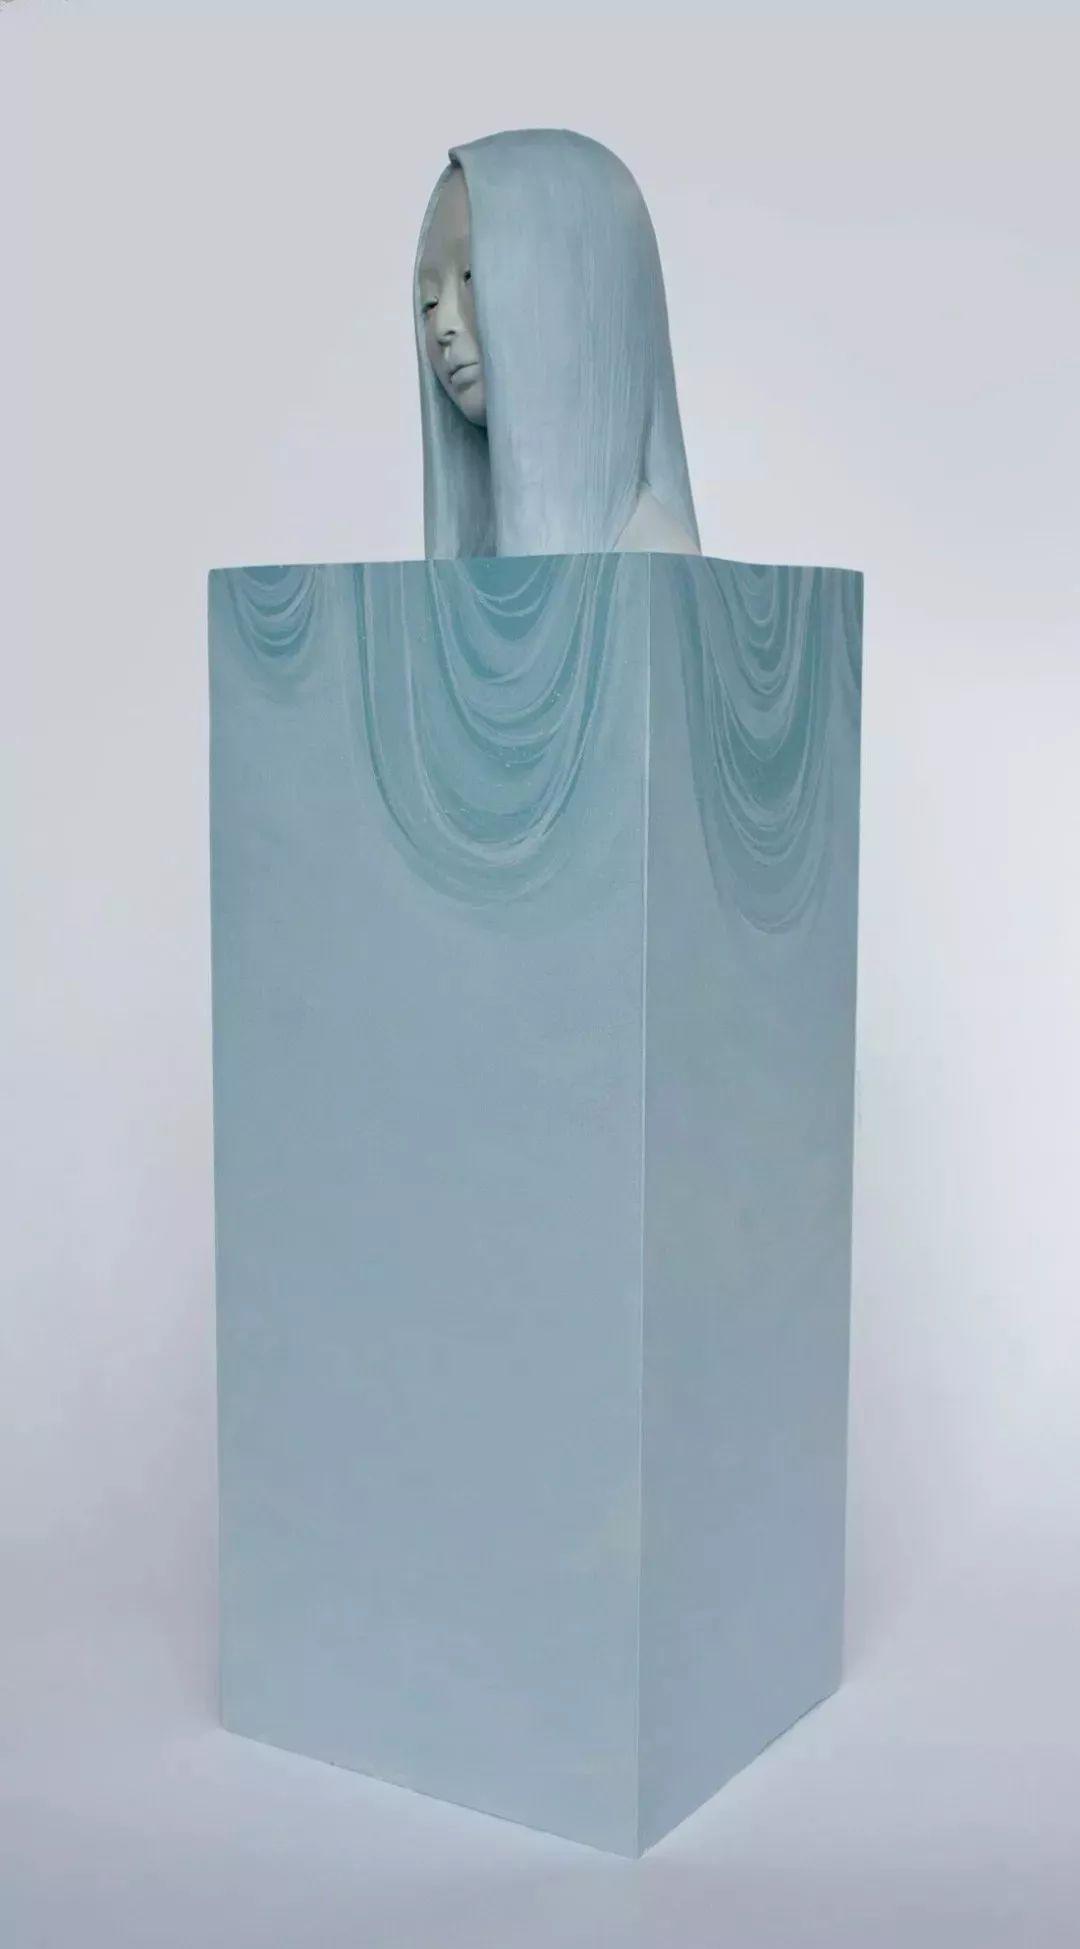 美女艺术家的雕塑,直抵天真、美丽和纯净的灵魂插图107